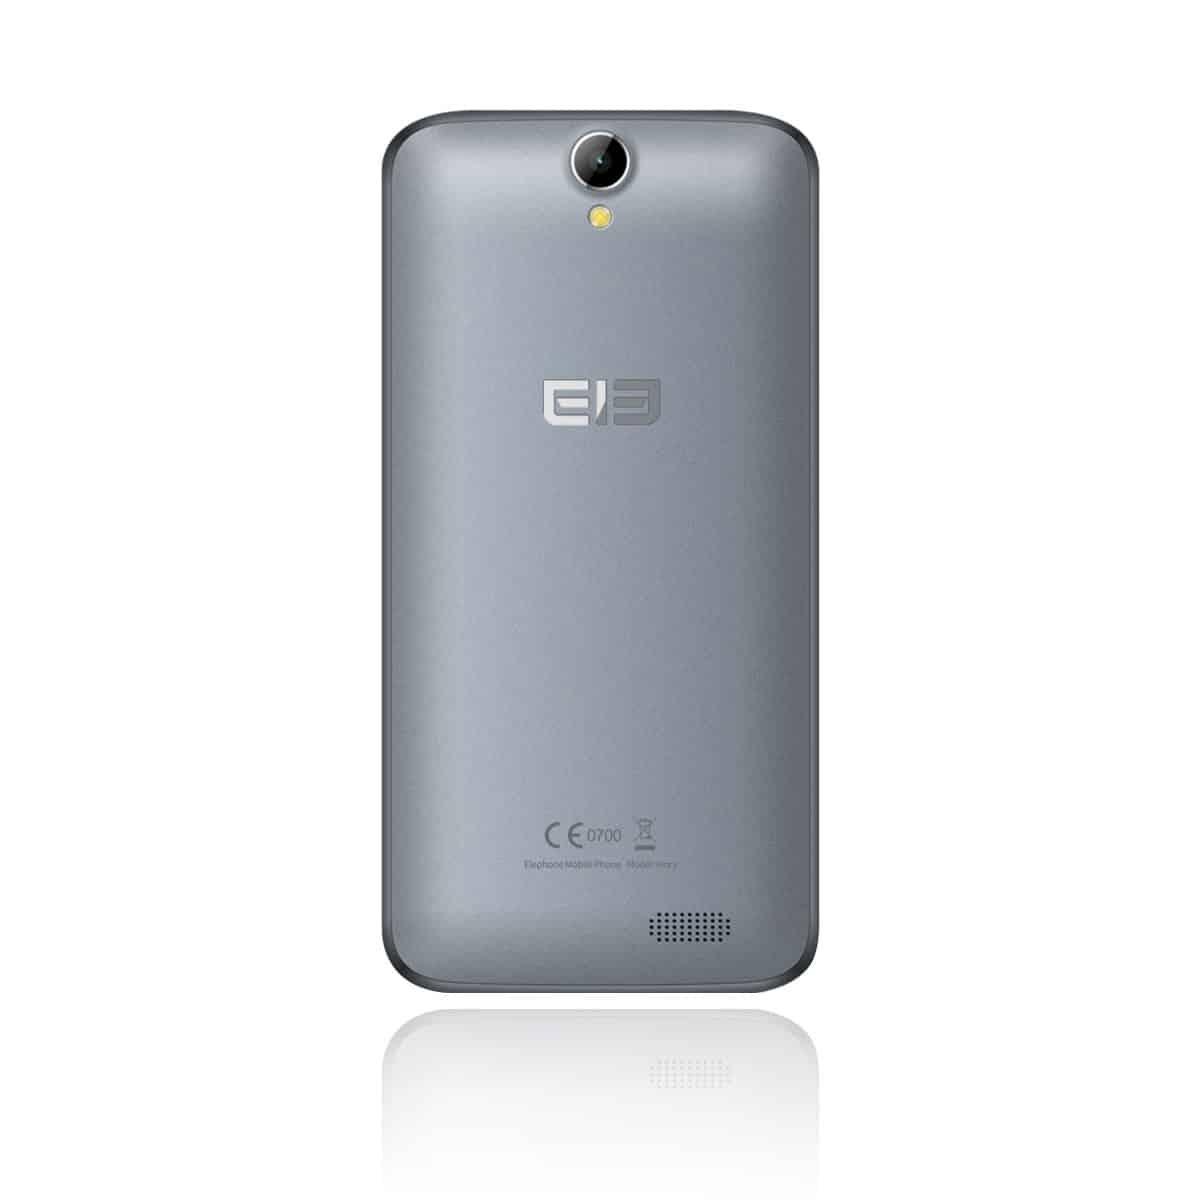 Elephone Ivory 2